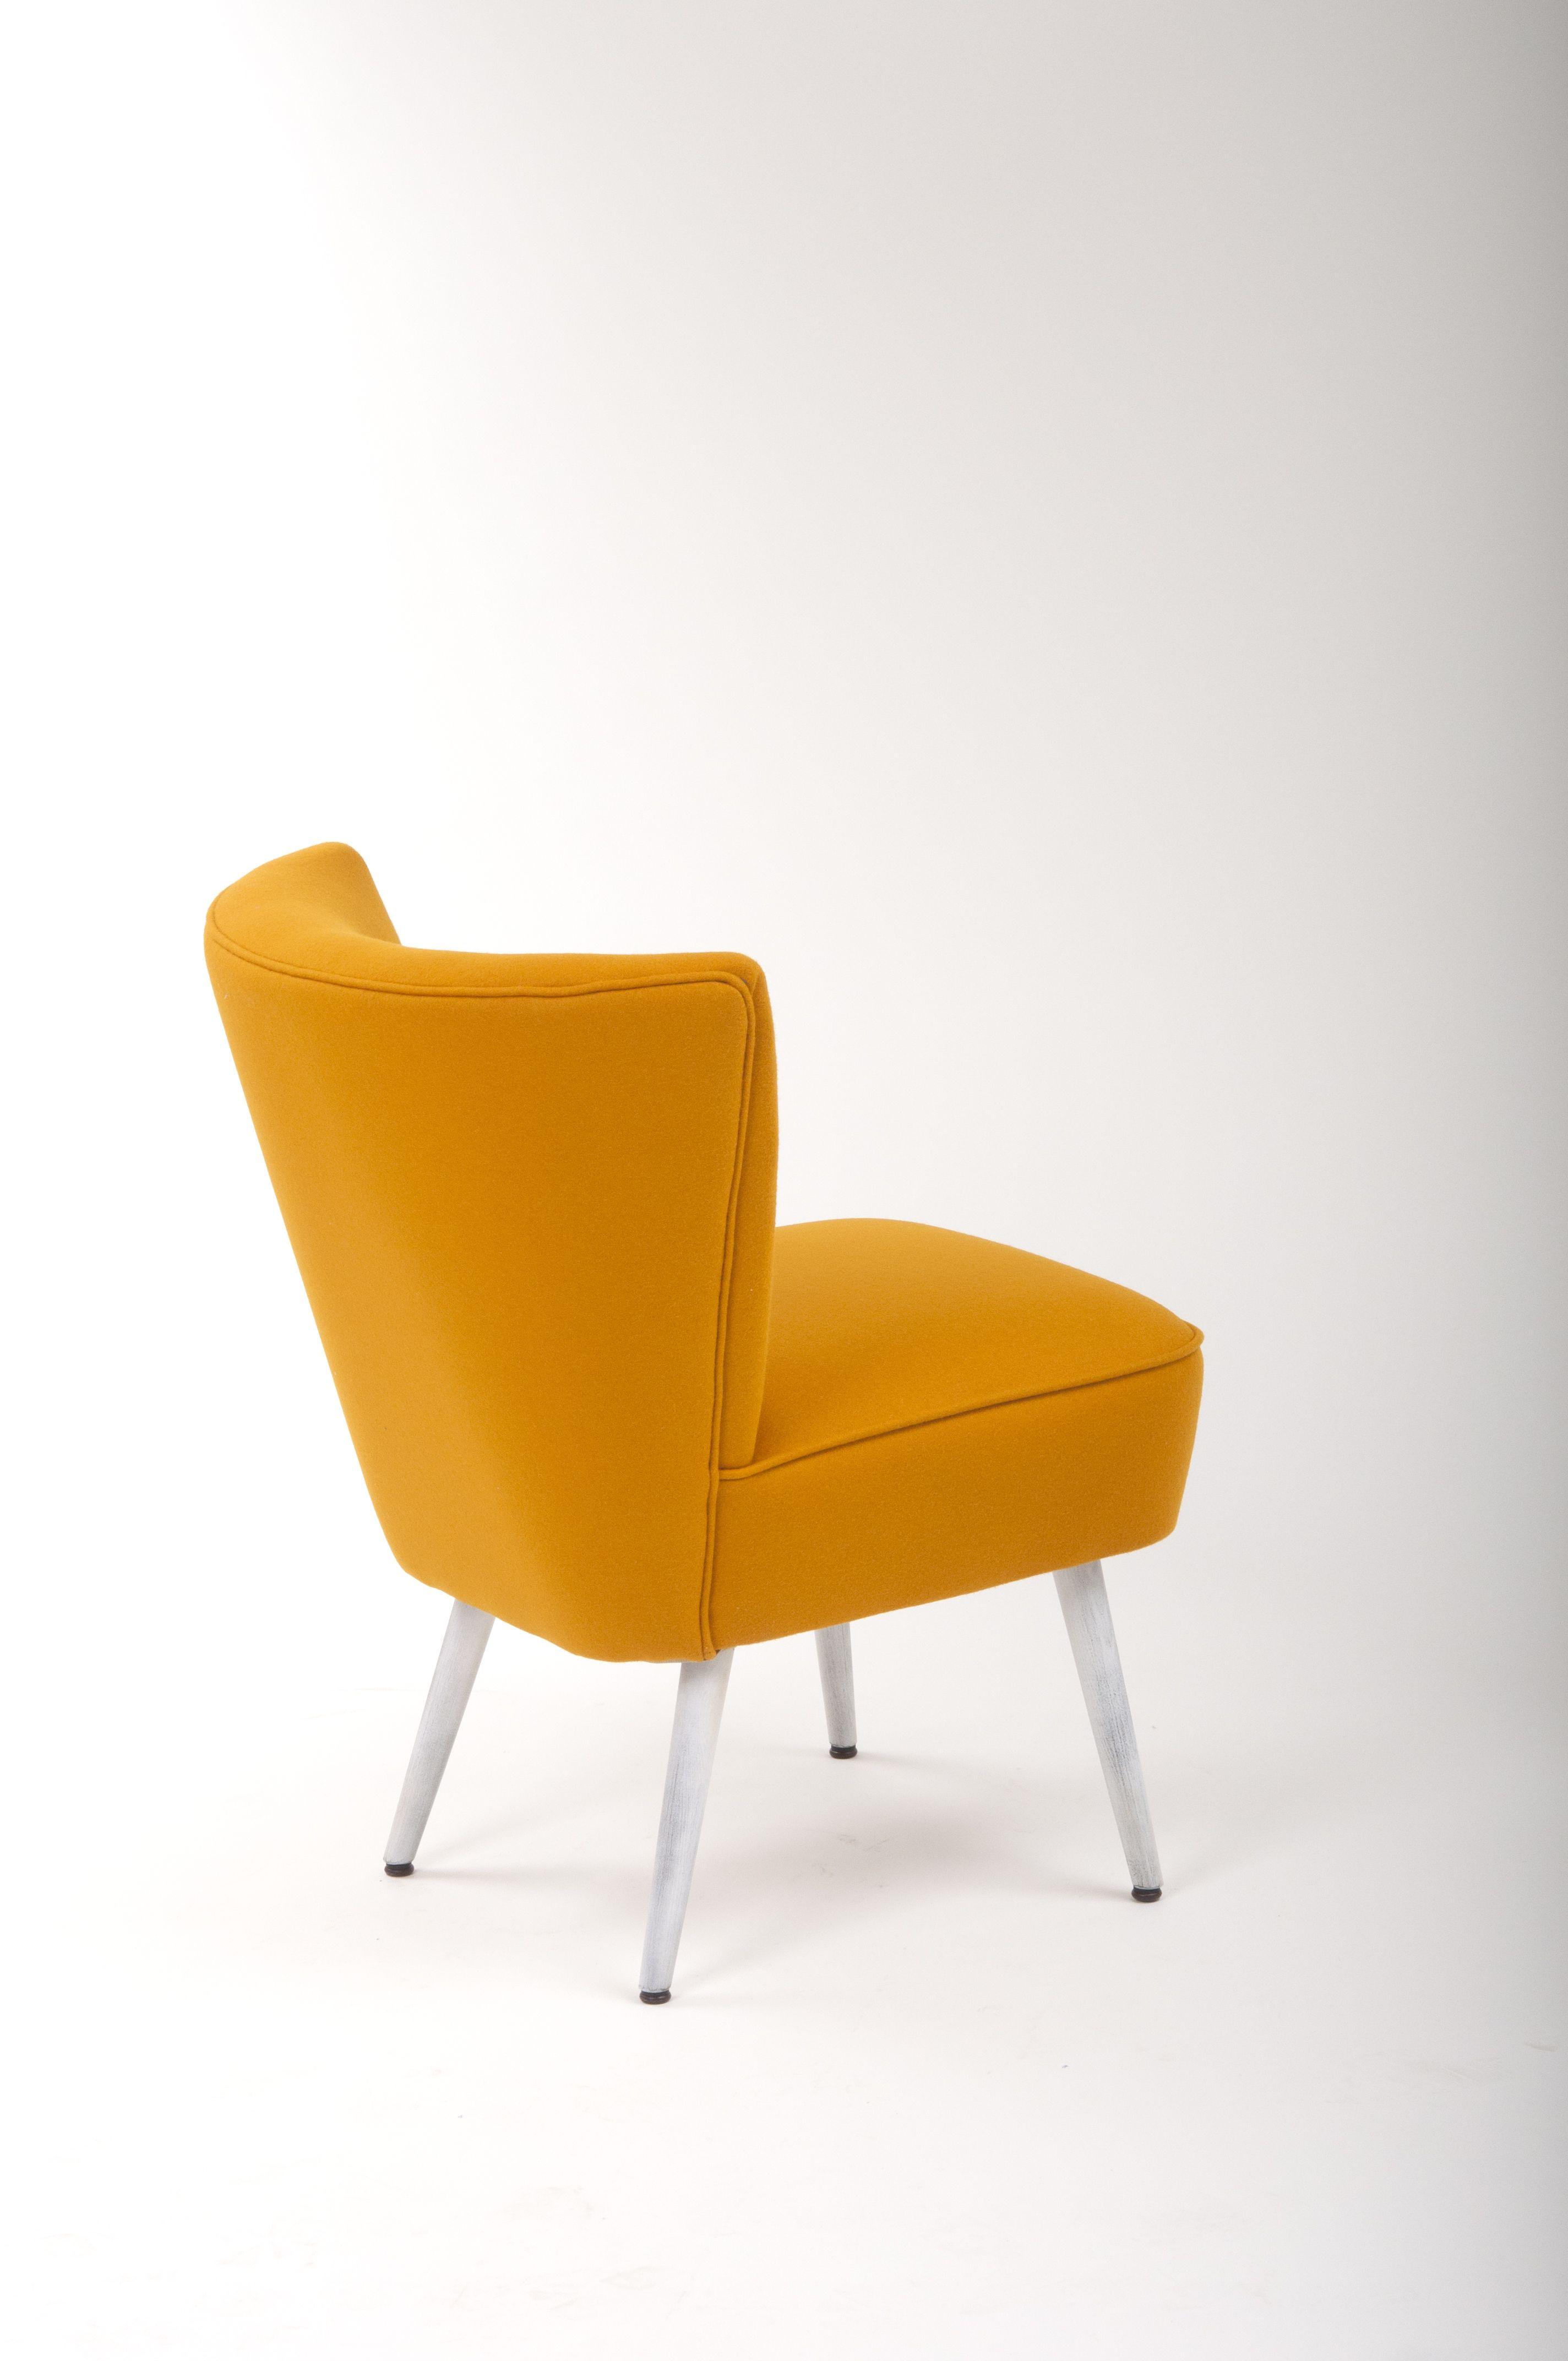 gastronomie mobel bestuhlung lounge mobel sessel tisch html